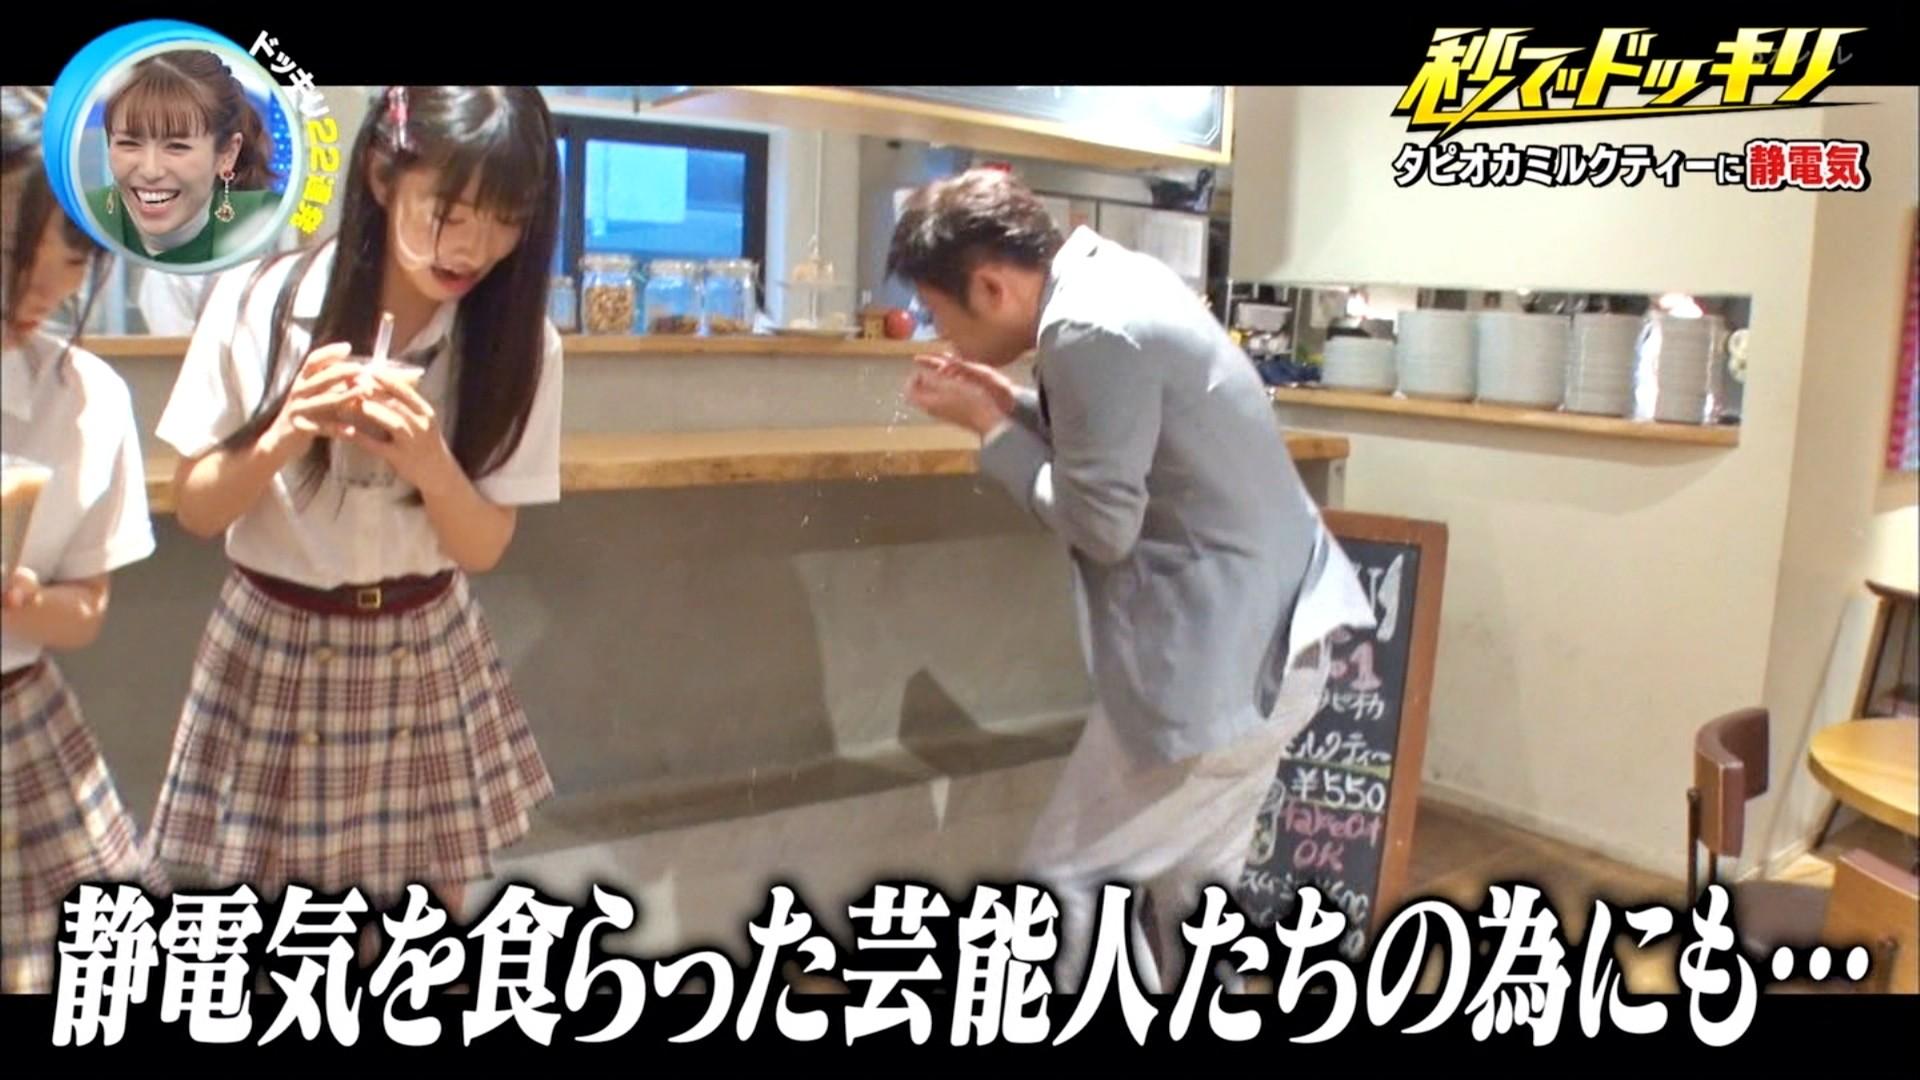 2019年11月30日にフジテレビ系列でほうそうされた「芸能人が本気で考えた!ドッキリGP」に出演したNMB48上西怜・大田莉央奈の画像-038